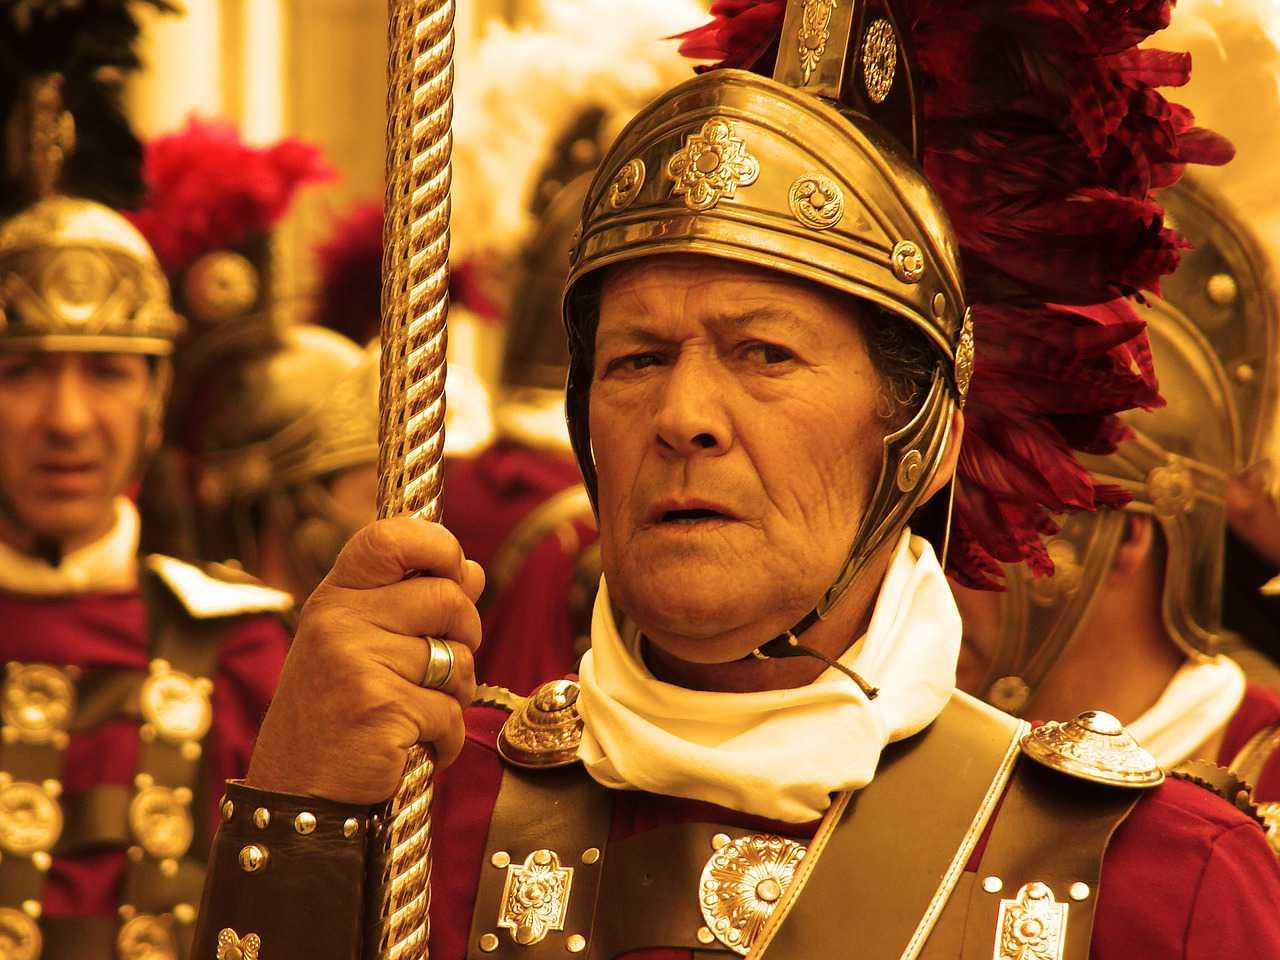 El héroe romano